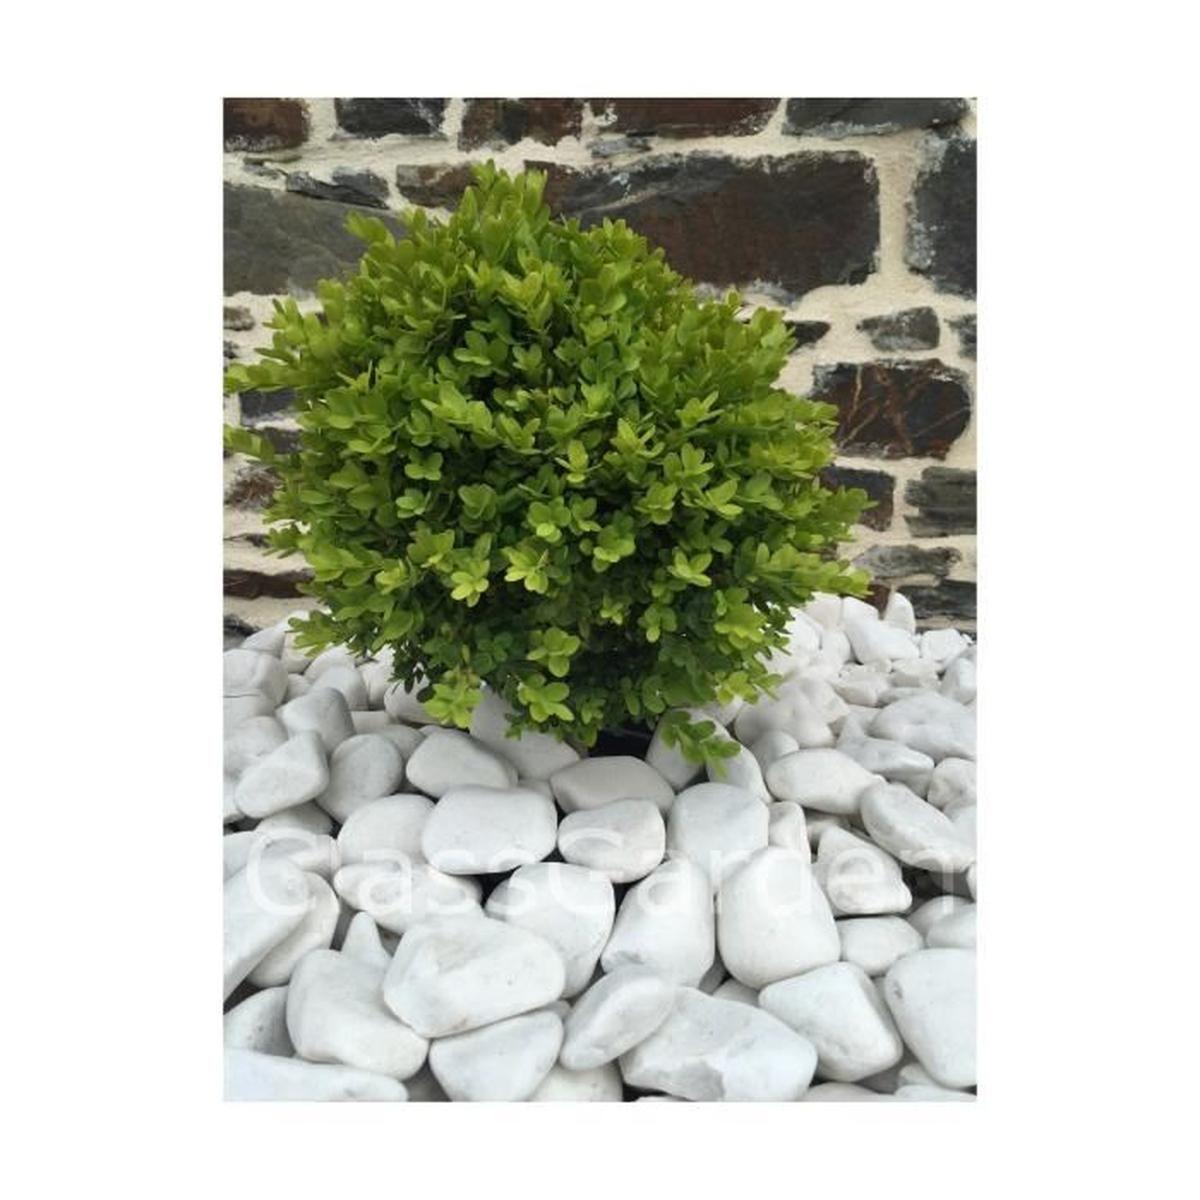 Galet Blanc Pure Calibre 40-60 Mm - Achat / Vente Galet ... dedans Galets Blancs Pour Jardin Pas Cher